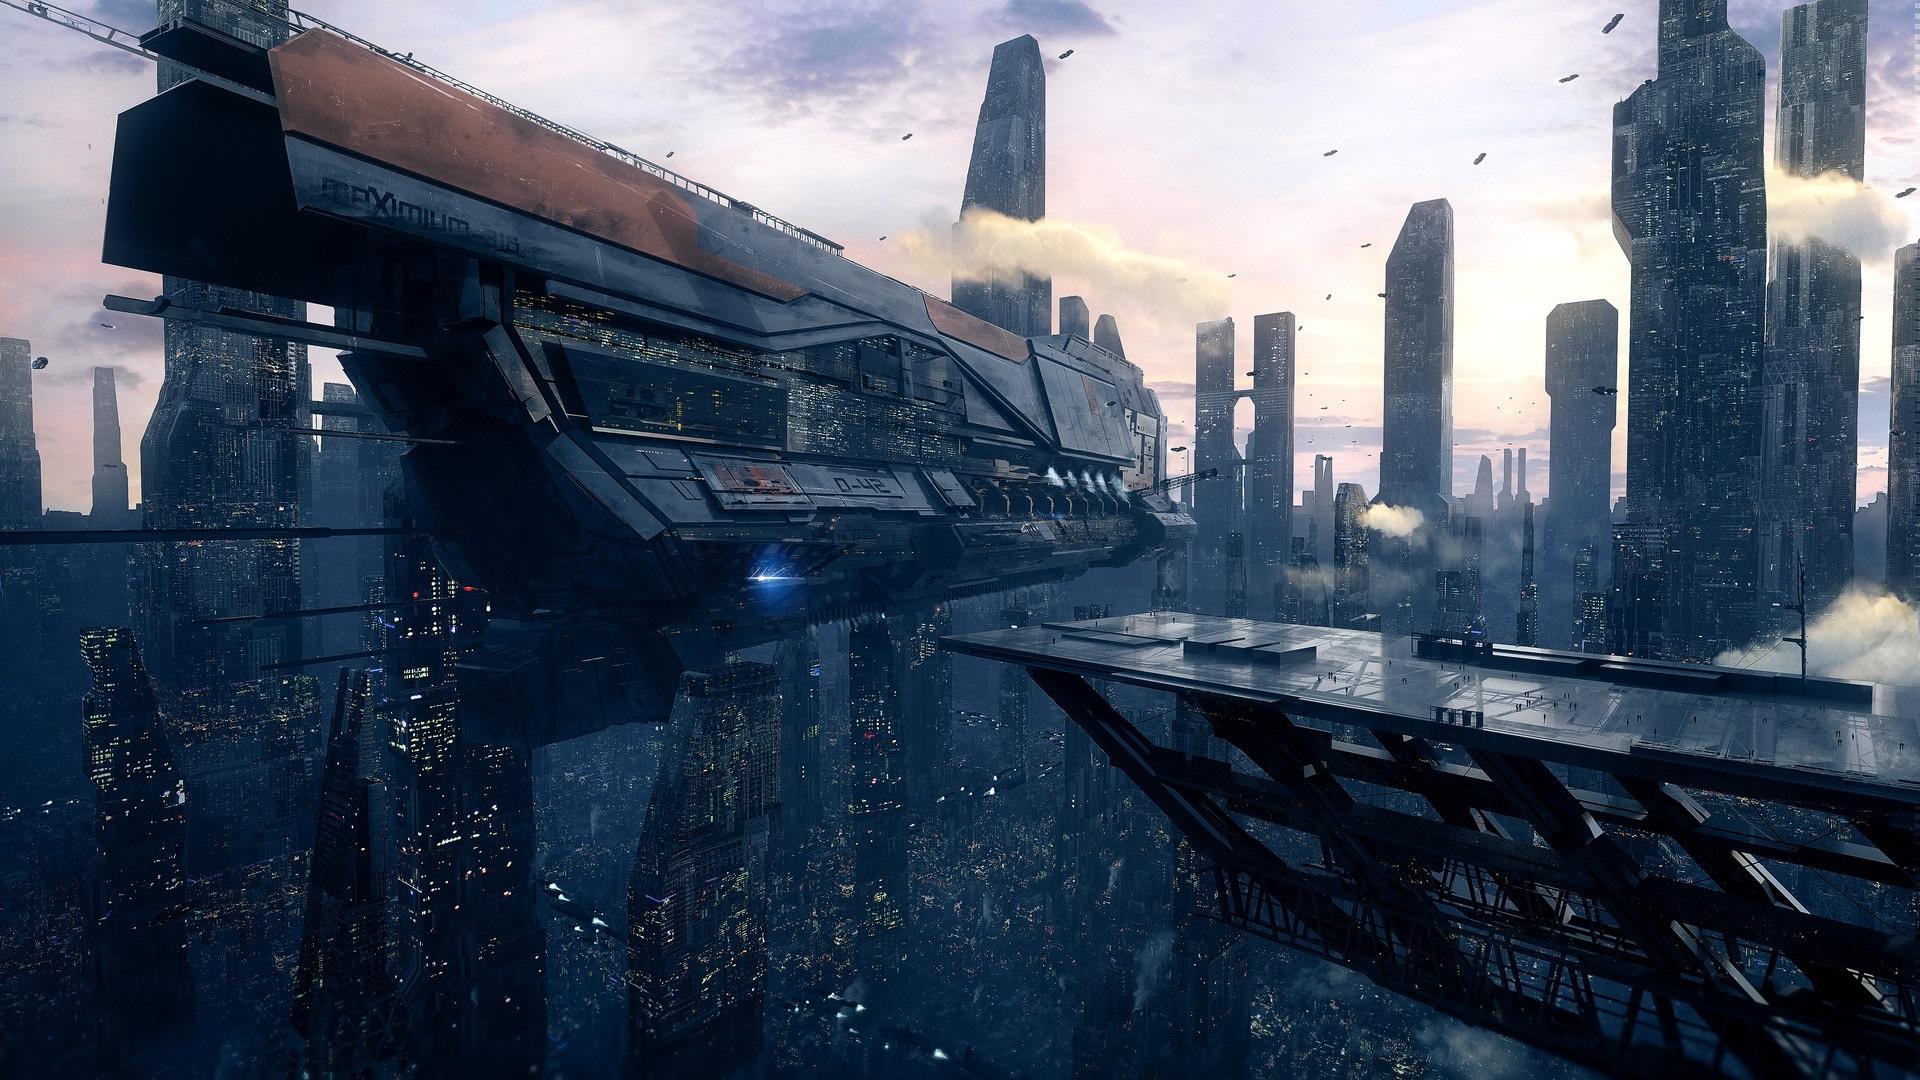 壁纸未来城市 星舰 未来派艺术1920x1080 Full Hd 2k 高清壁纸 图片